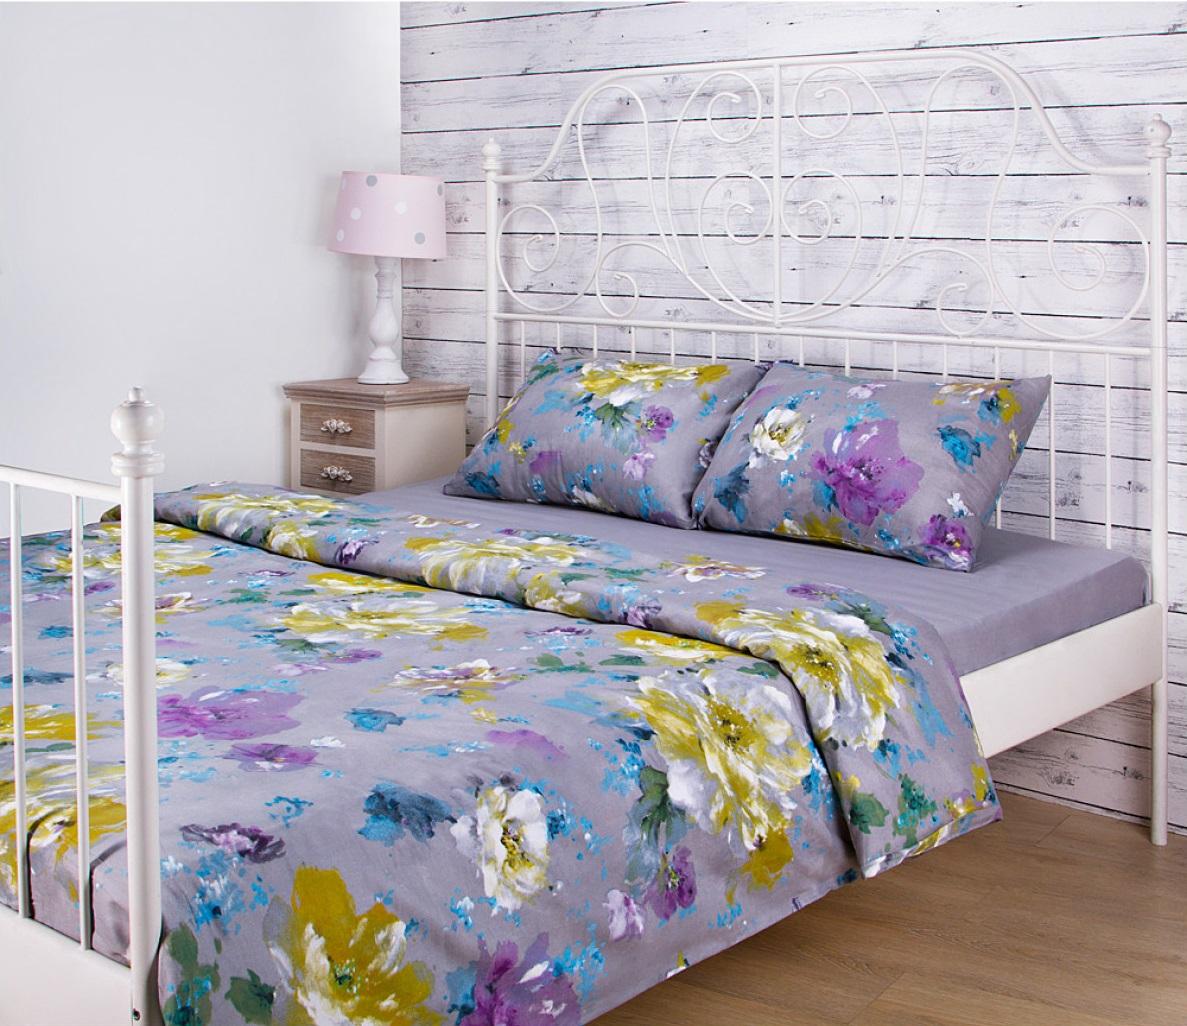 Постельное белье Santalino Постельное белье Цветы Цвет: Серый (семейное) постельное белье семейное весенние цветы сирень постельное белье семейное весенние цветы